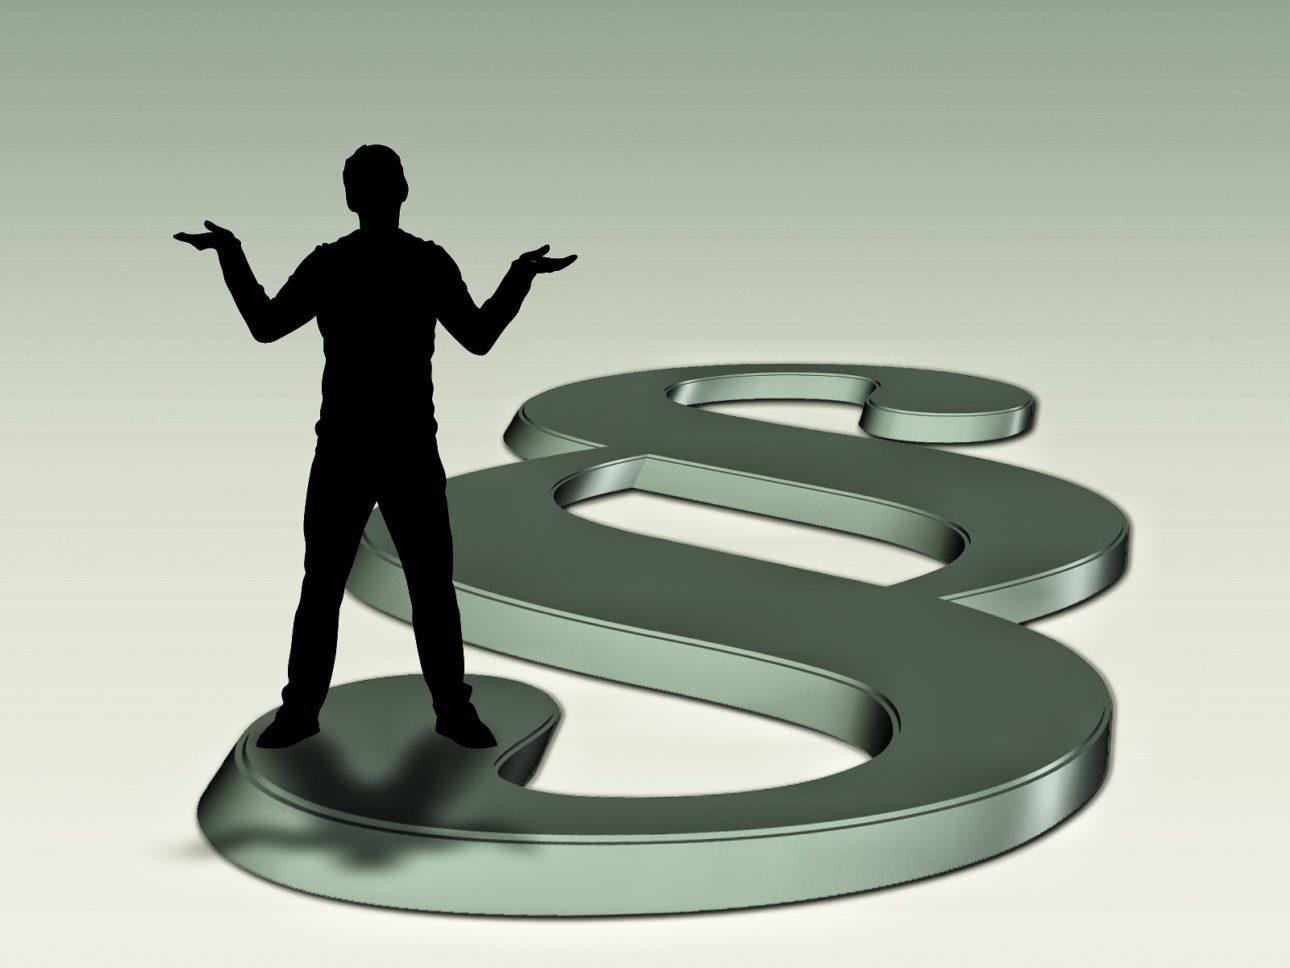 Zajistí regulace realitních makléřů větší bezpečí klientů a lepší realitní služby? Ing. Jan Novotný QARA